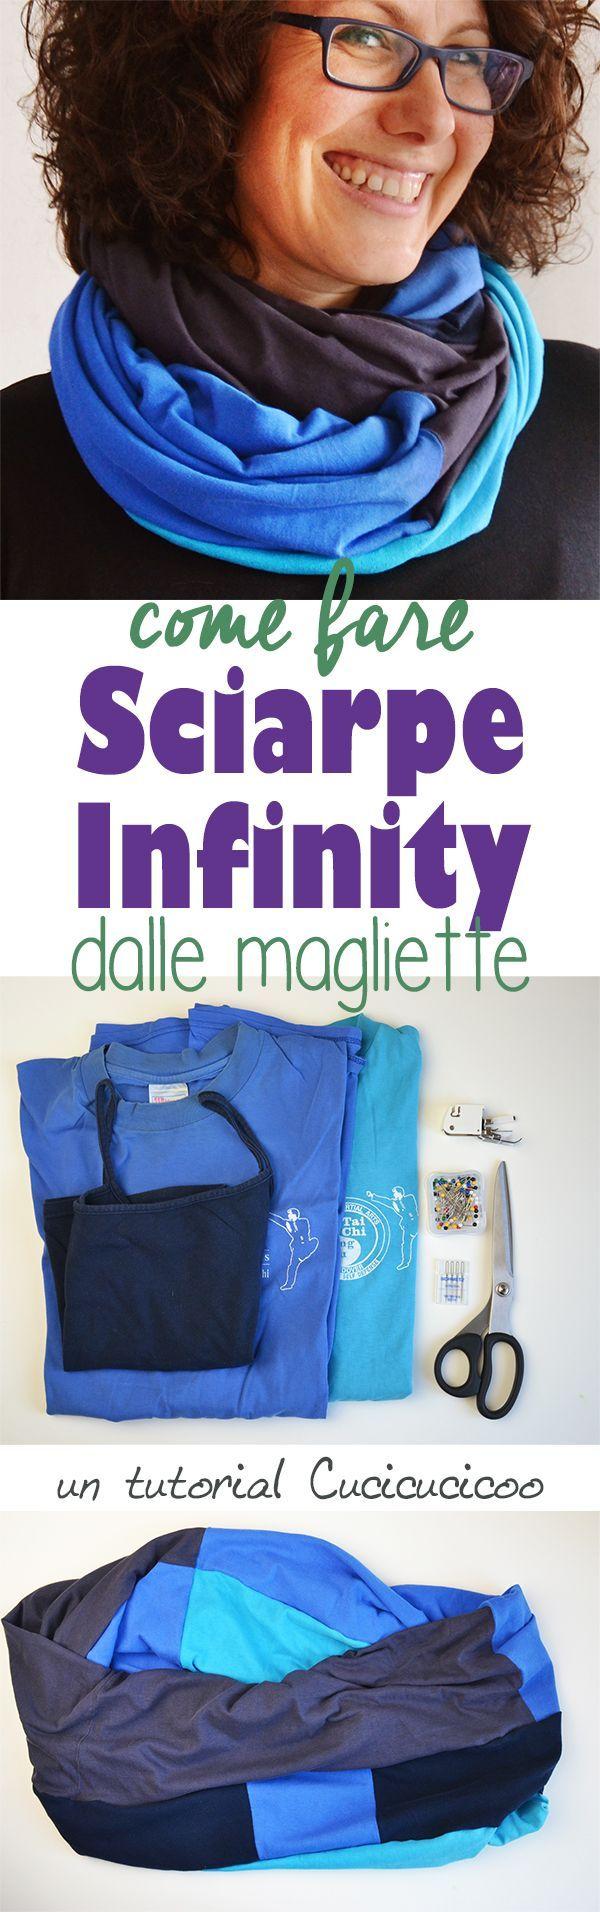 Crea un accessorio comodo dalle vecchie magliette, anche se strappate o macchiate! Questo refashion tutorial mostra come tagliare le magliette e ricomporle per fare una sciarpa infinity colorata ed unica! http://www.cucicucicoo.com